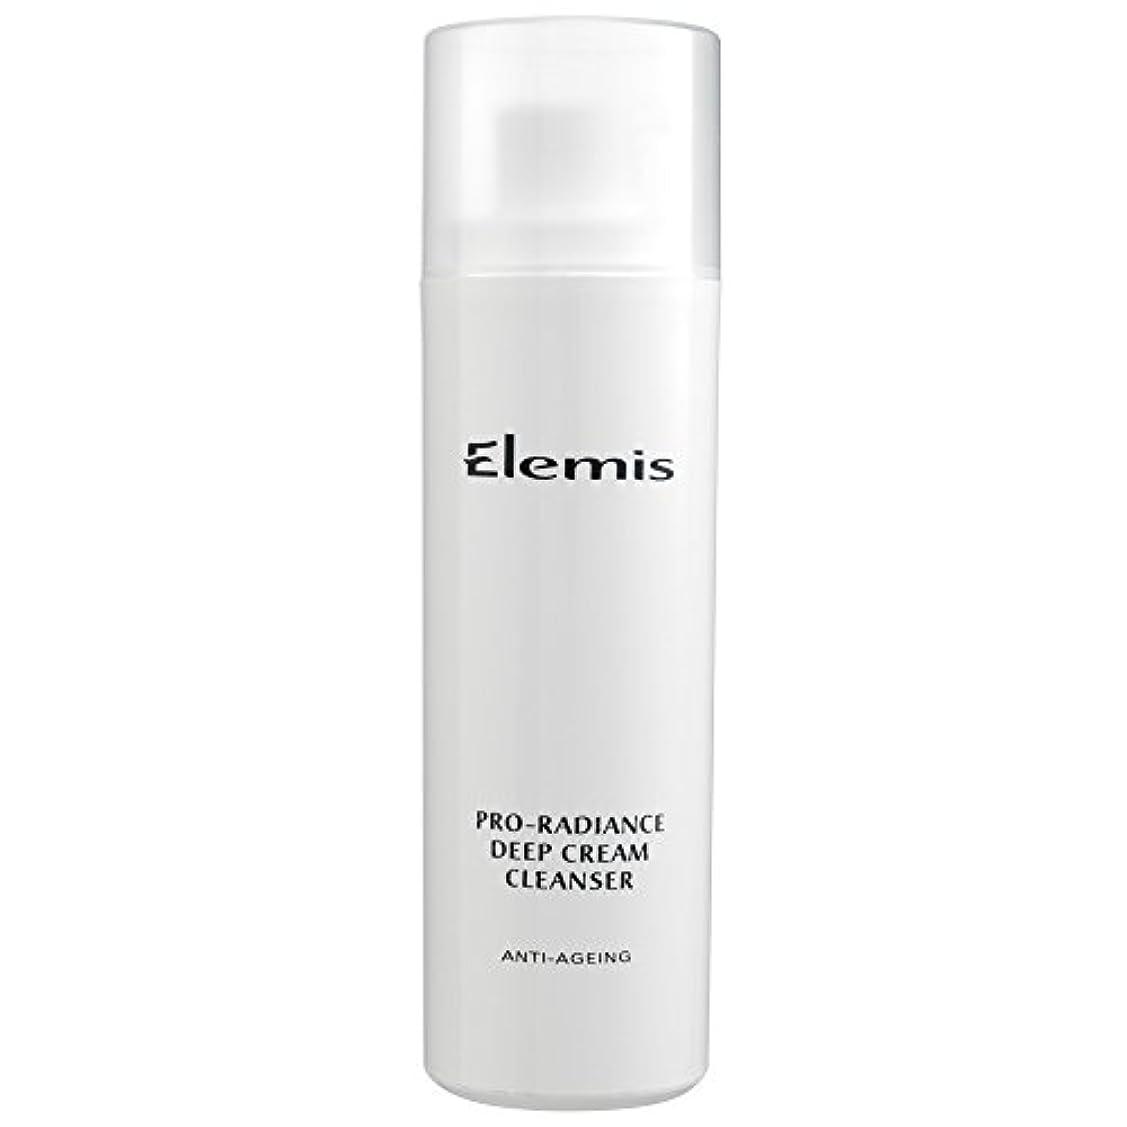 ディレクター出来事悪夢エレミスプロ輝きクリームクレンザー、150ミリリットル (Elemis) (x6) - Elemis Pro-Radiance Cream Cleanser, 150ml (Pack of 6) [並行輸入品]